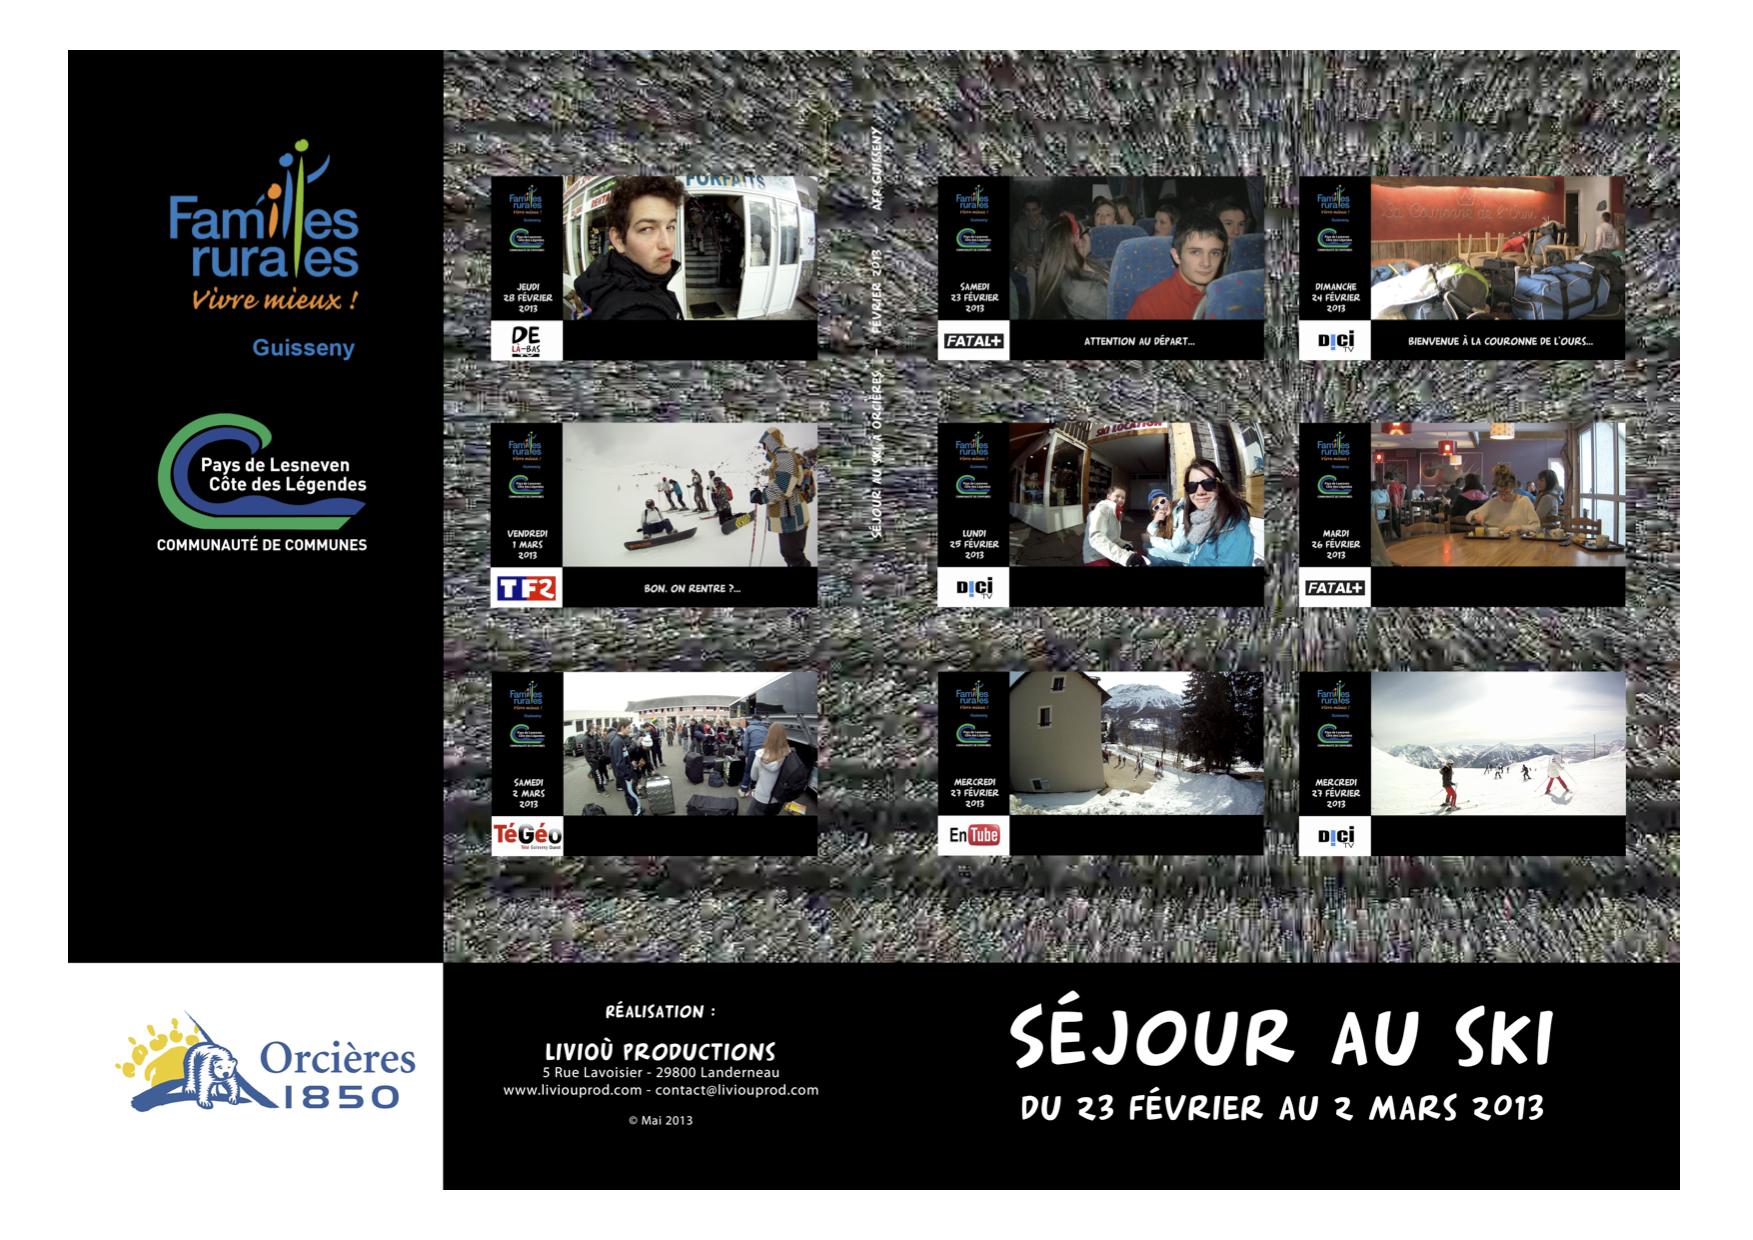 Jaquette DVD séjour Orcieres 2013 – AFR Guisseny